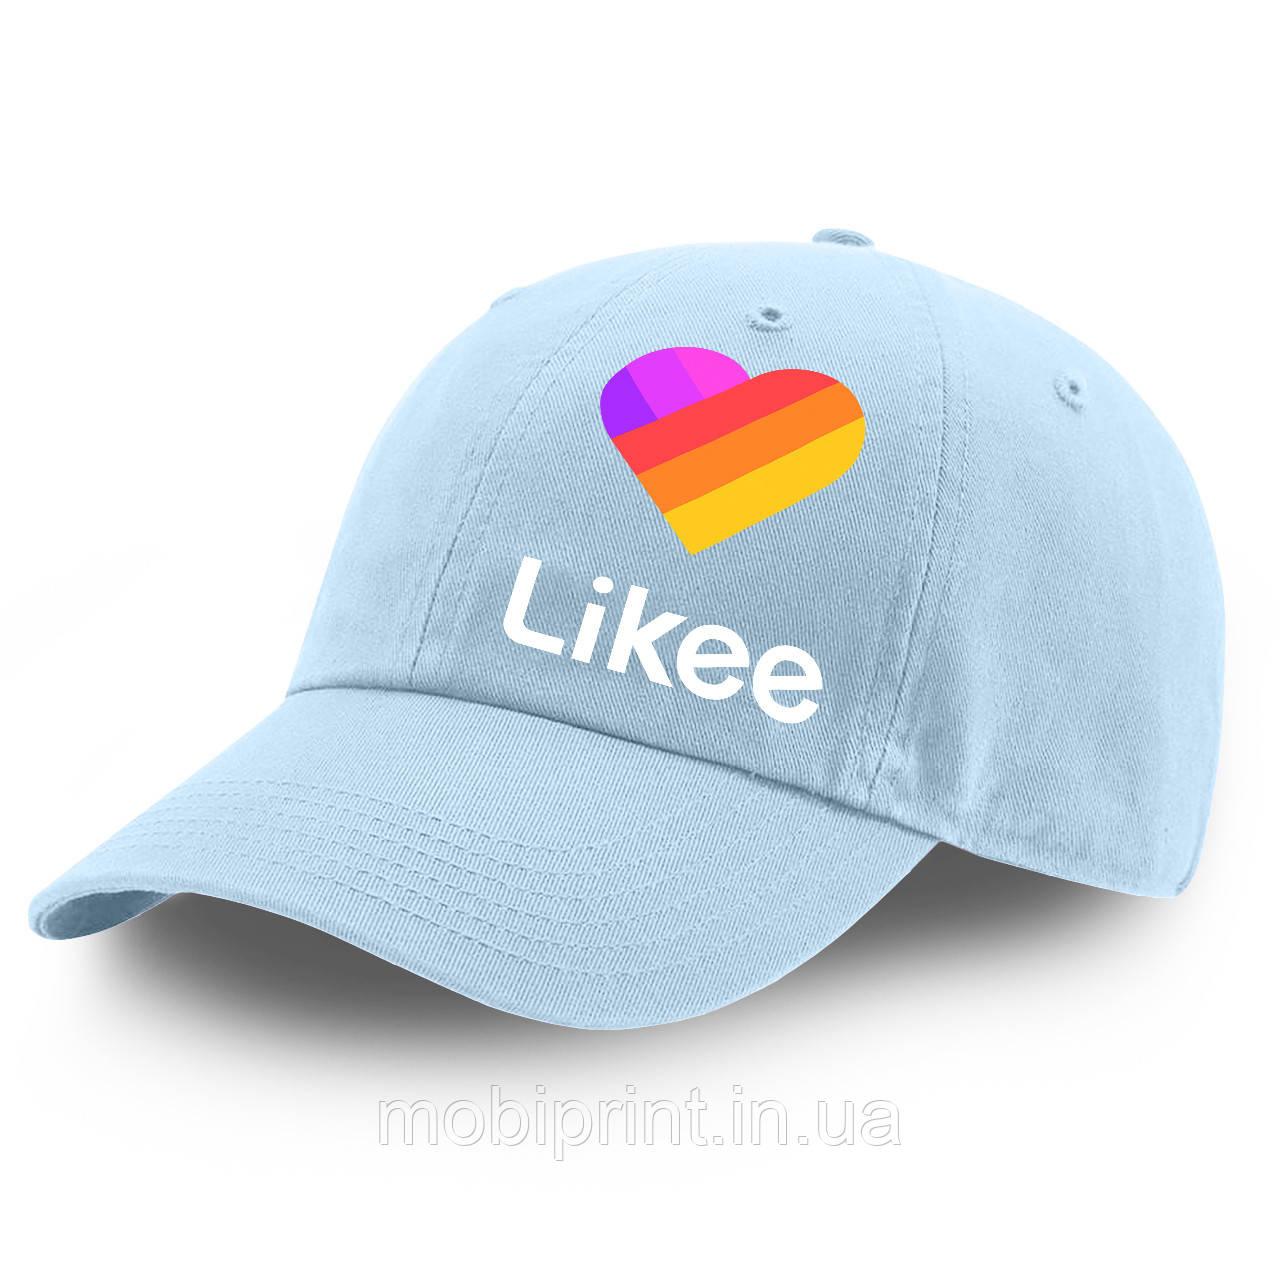 Кепка детская Лайк (Likee) 100% Хлопок (9273-1041)